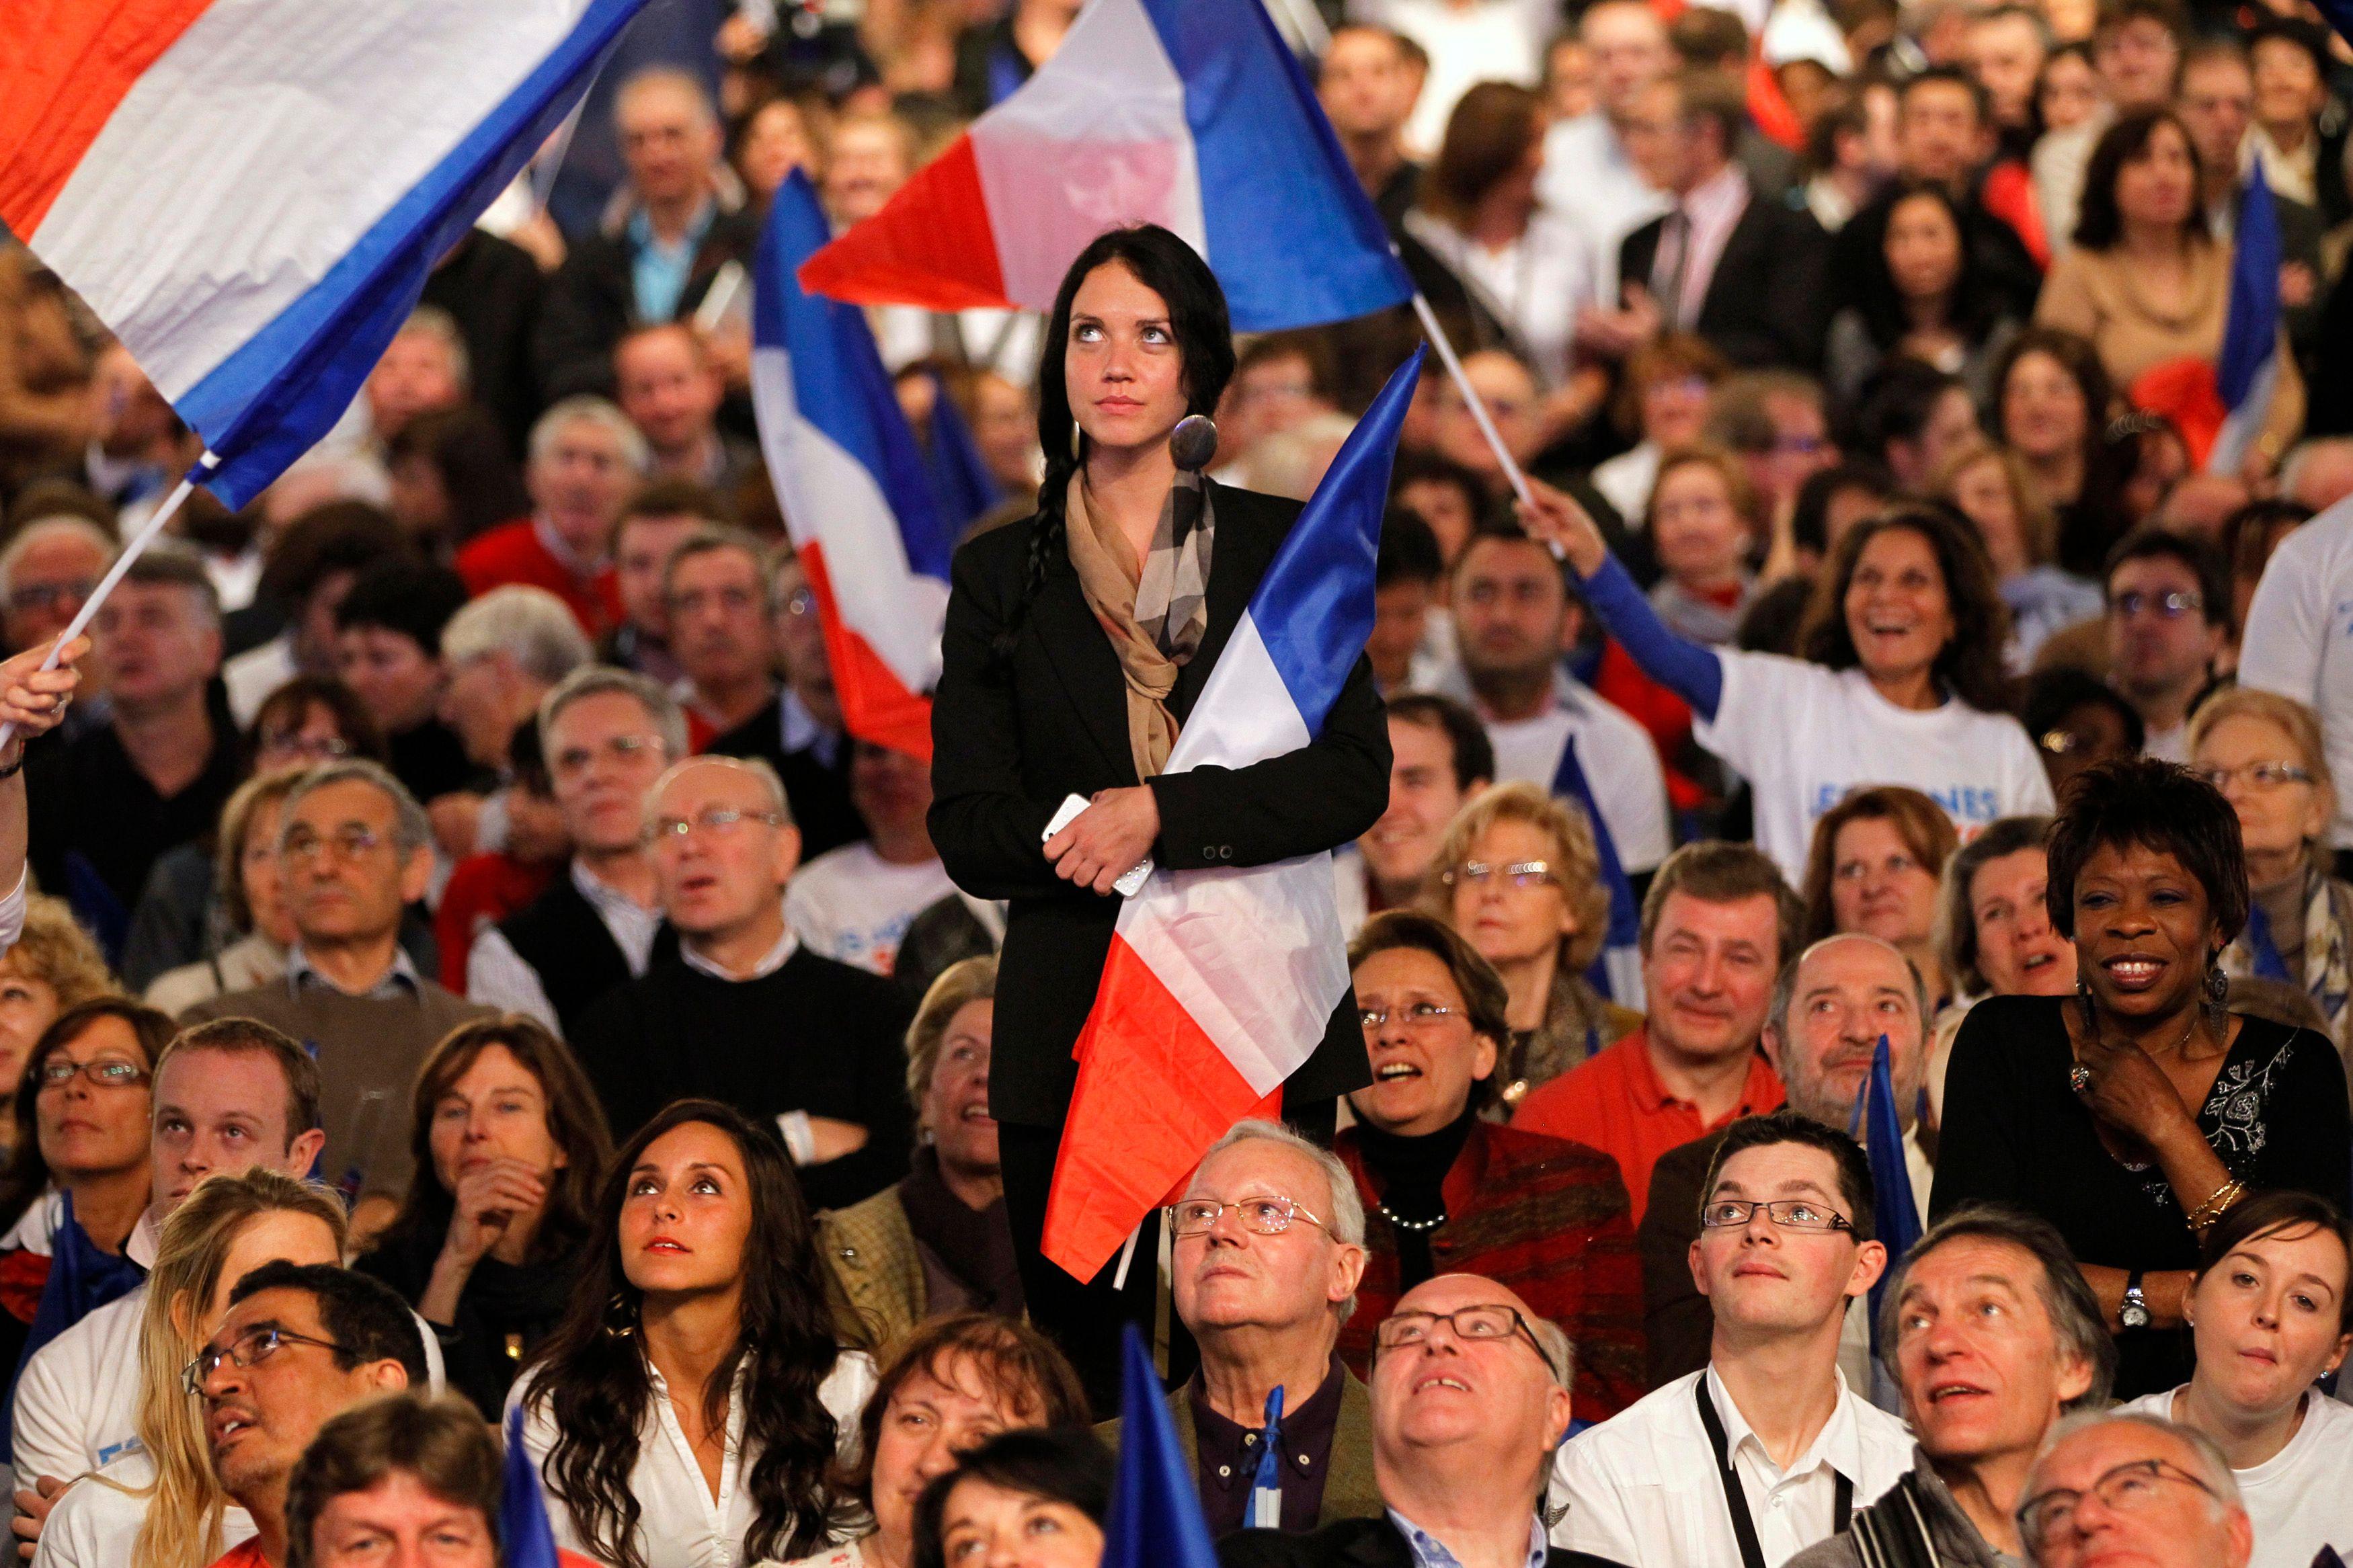 Après le terrorisme, les émeutes… et toujours le même ressentiment anti-français : mais en quoi la France est-elle vraiment raciste ?